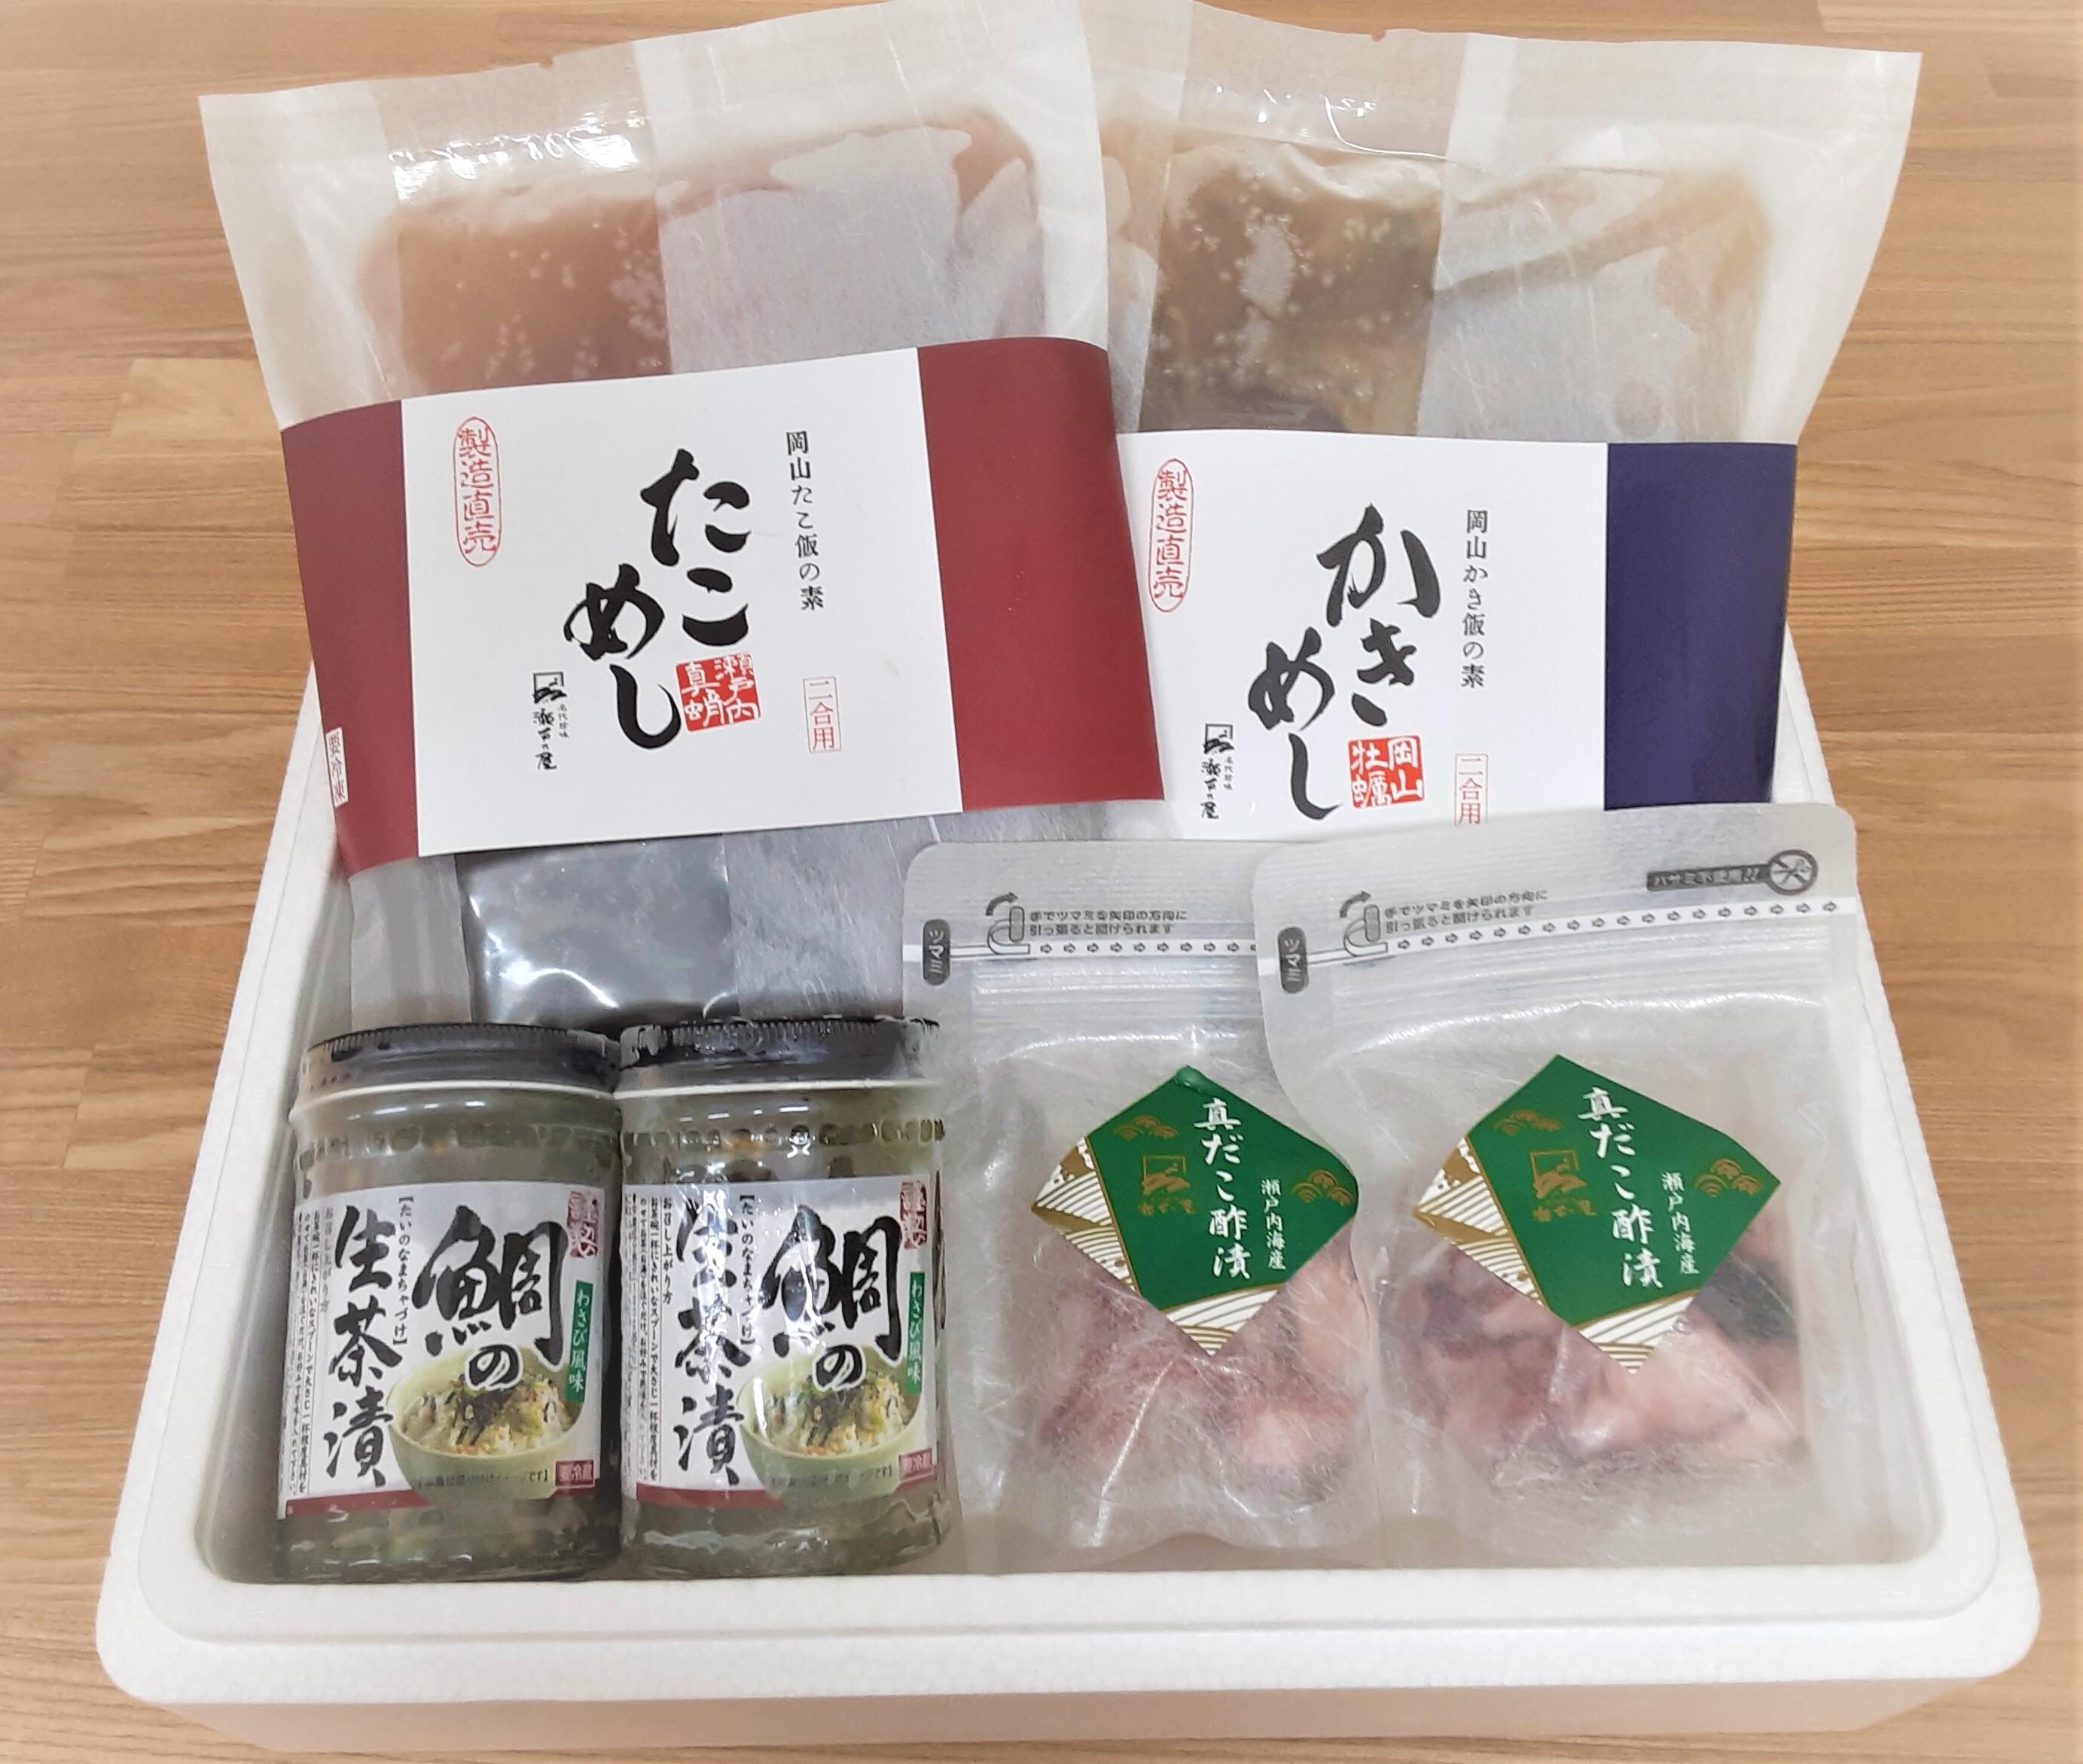 【岡山県】瀬戸内海の蛸、牡蠣、鯛の美味しい詰合せ【産地直送・同梱不可】